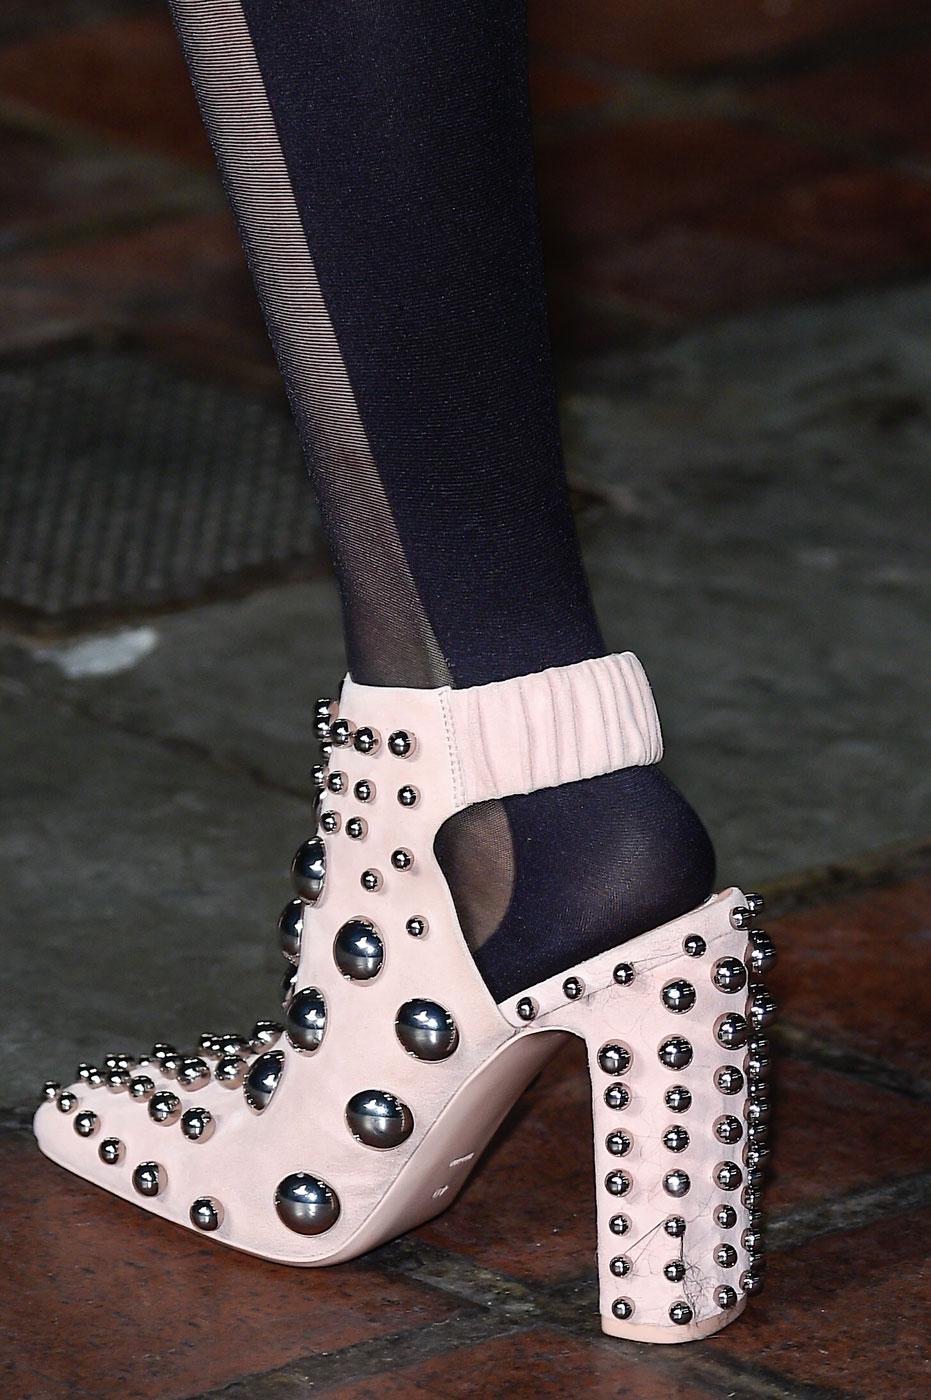 Массивные туфли с заклепками - фото новинки на неделе моды осень-зима 2016-2017 в Нью-Йорке в коллекции Alexander-Wang